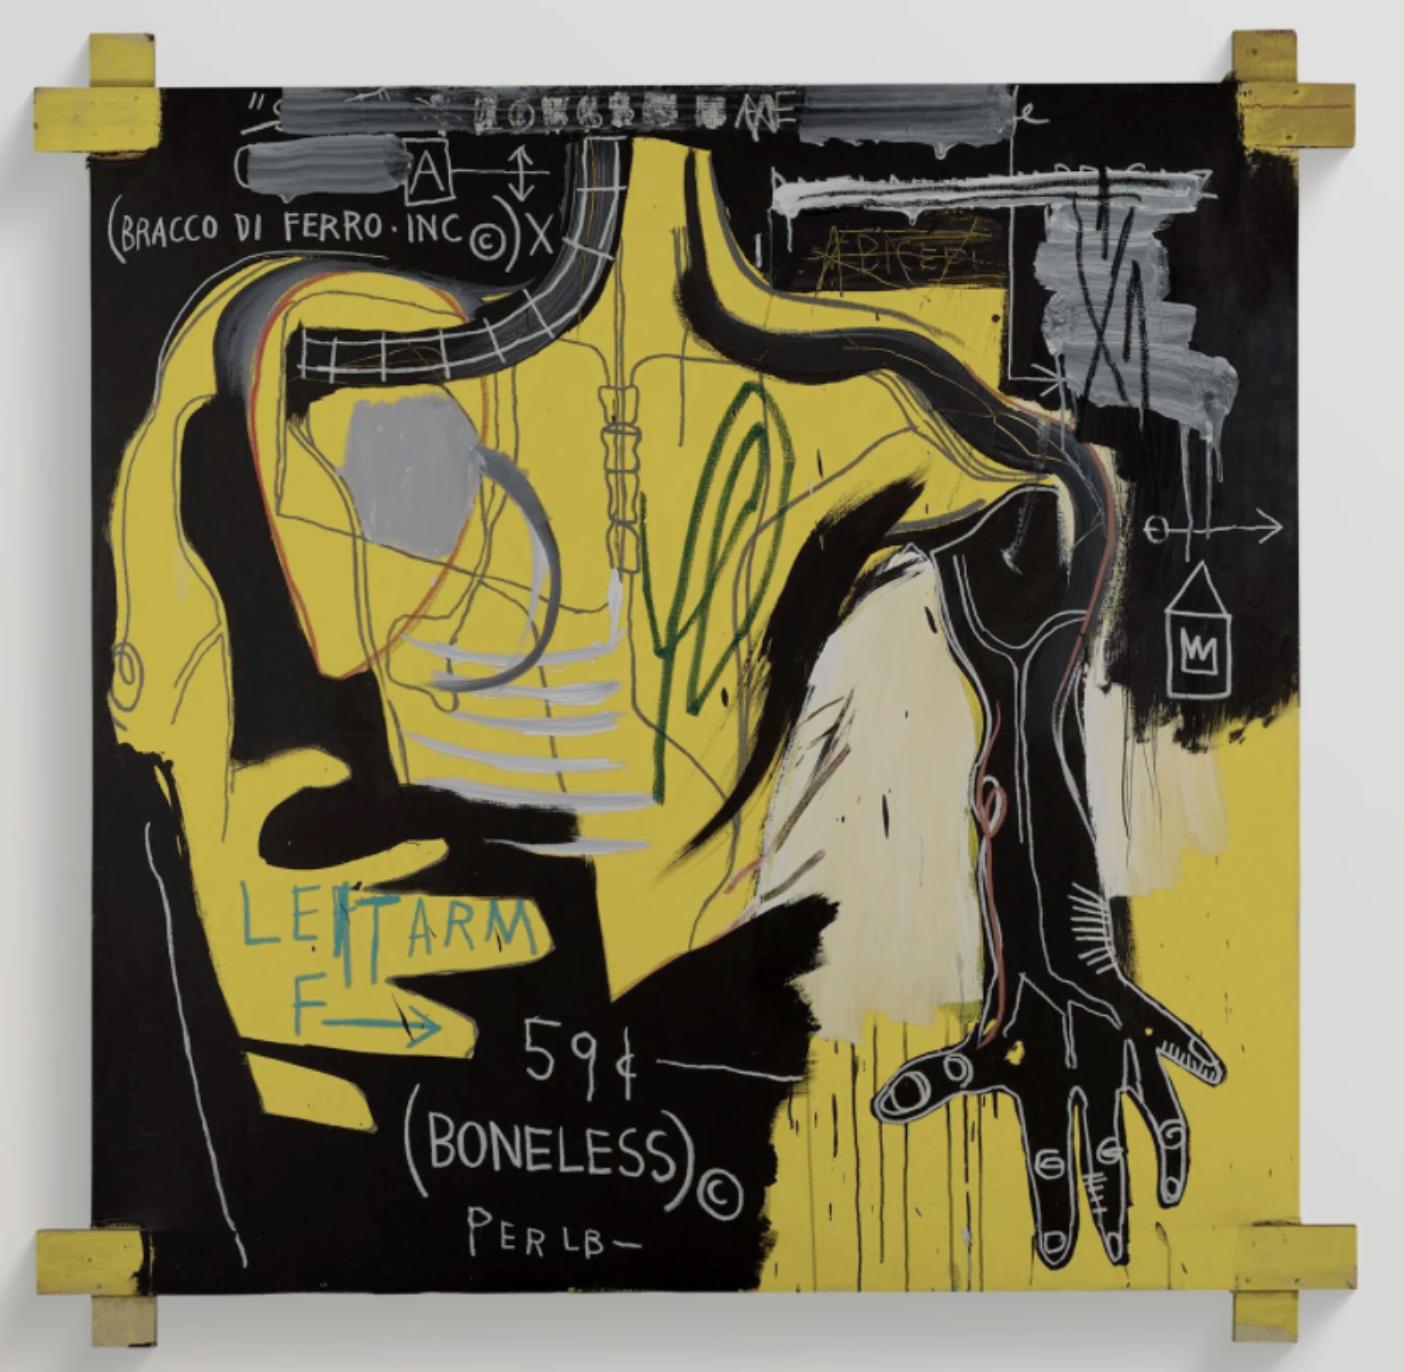 Untitled (Bracco di Ferro) (1983)- Jean-Michel Basquiat